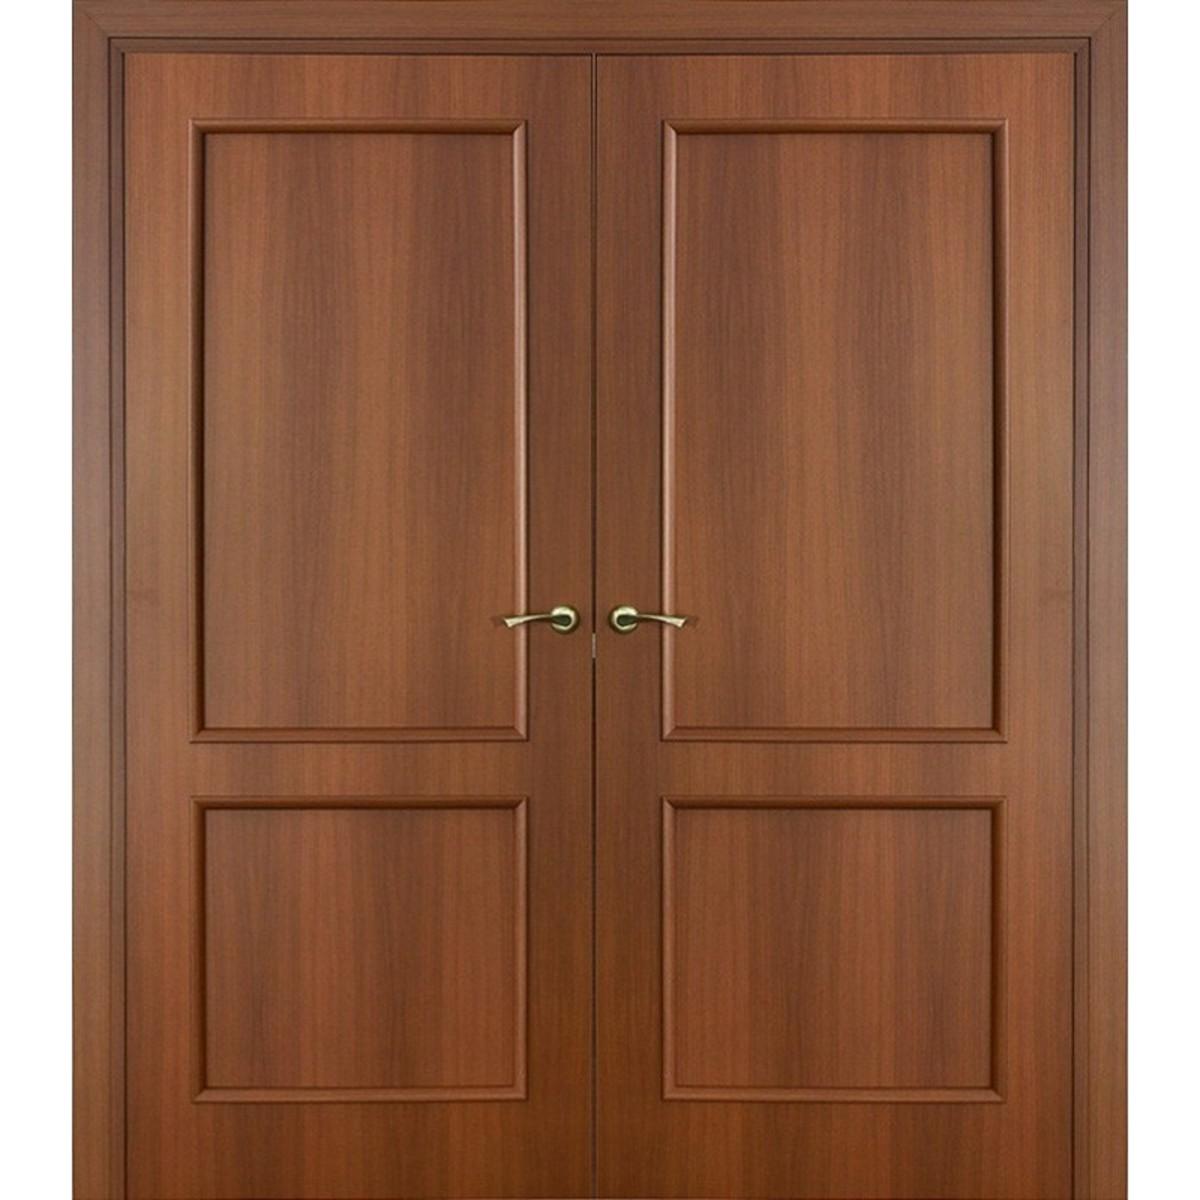 Дверь Межкомнатная Остеклённая Фортунато Классика 2x60x200 Ламинация Цвет Орех